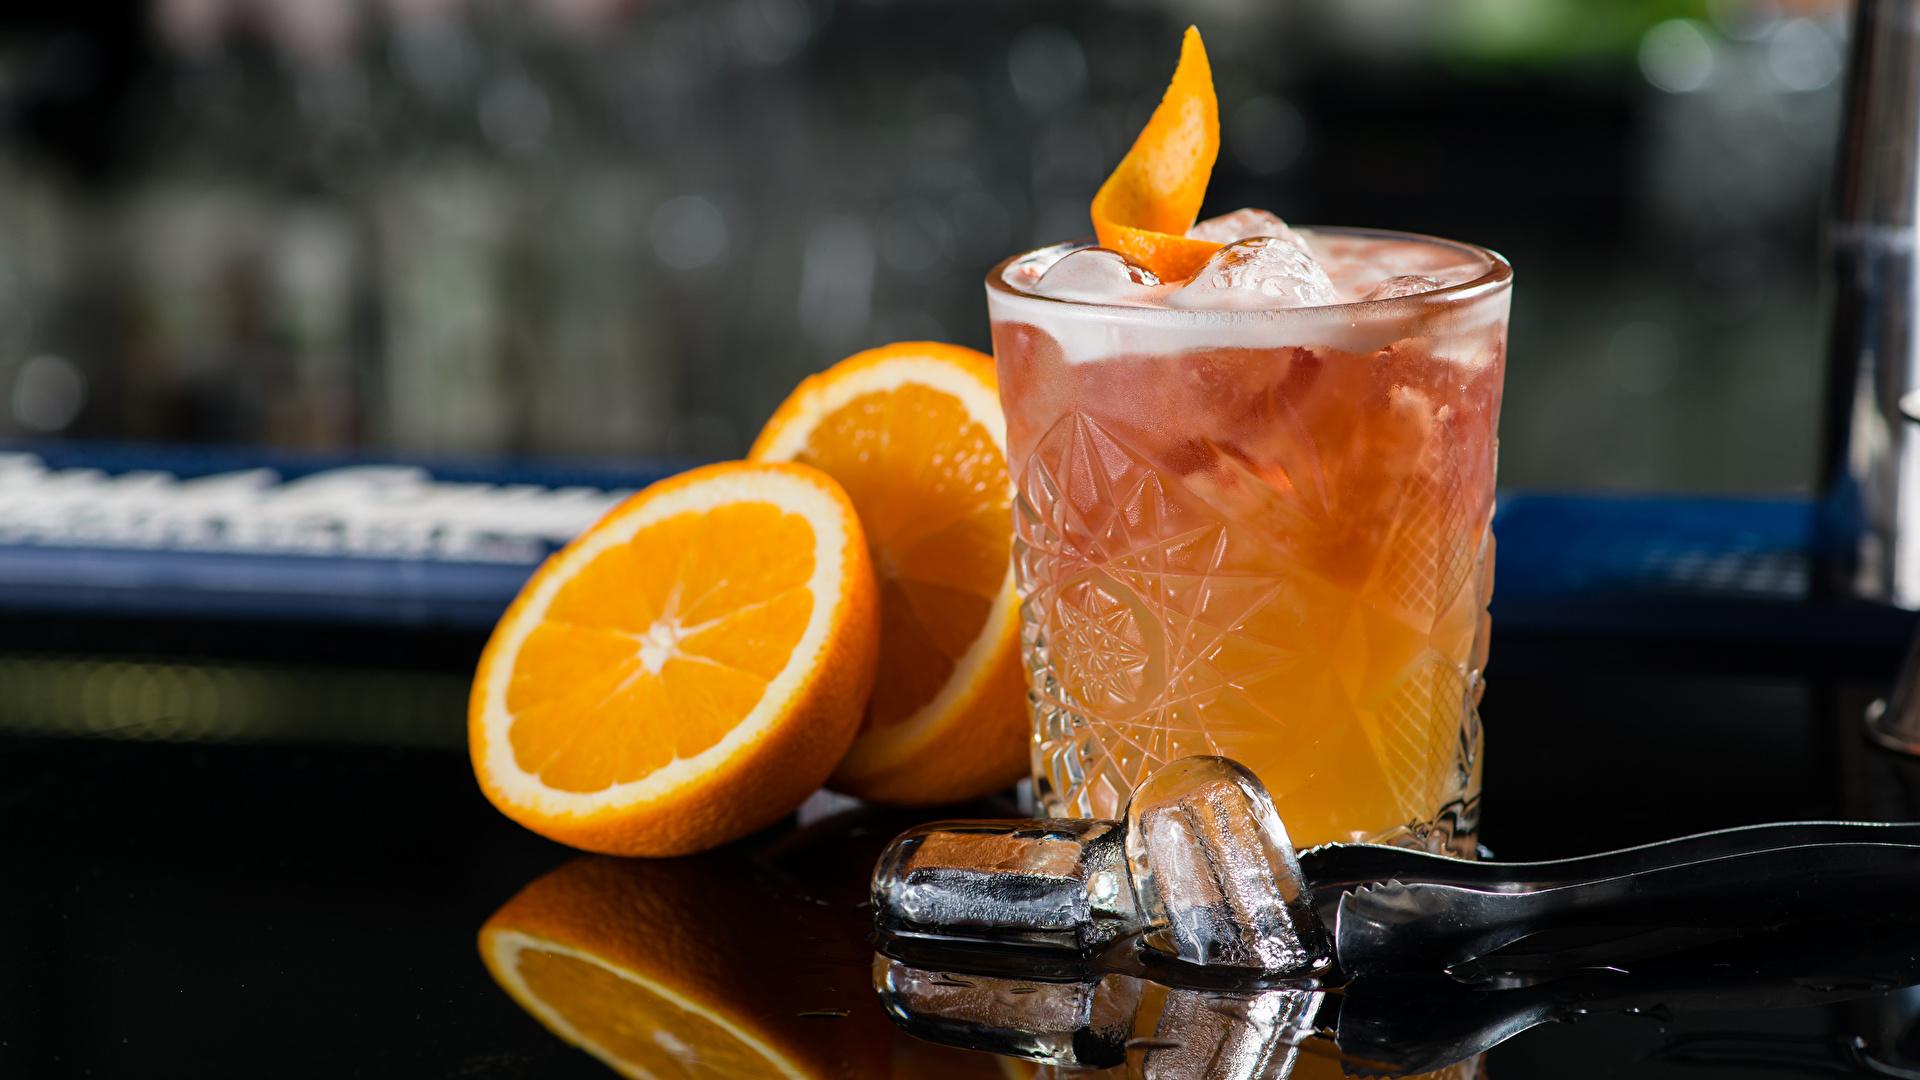 Обои для рабочего стола Алкогольные напитки льда Апельсин стакана Еда Коктейль 1920x1080 Лед Стакан стакане Пища Продукты питания